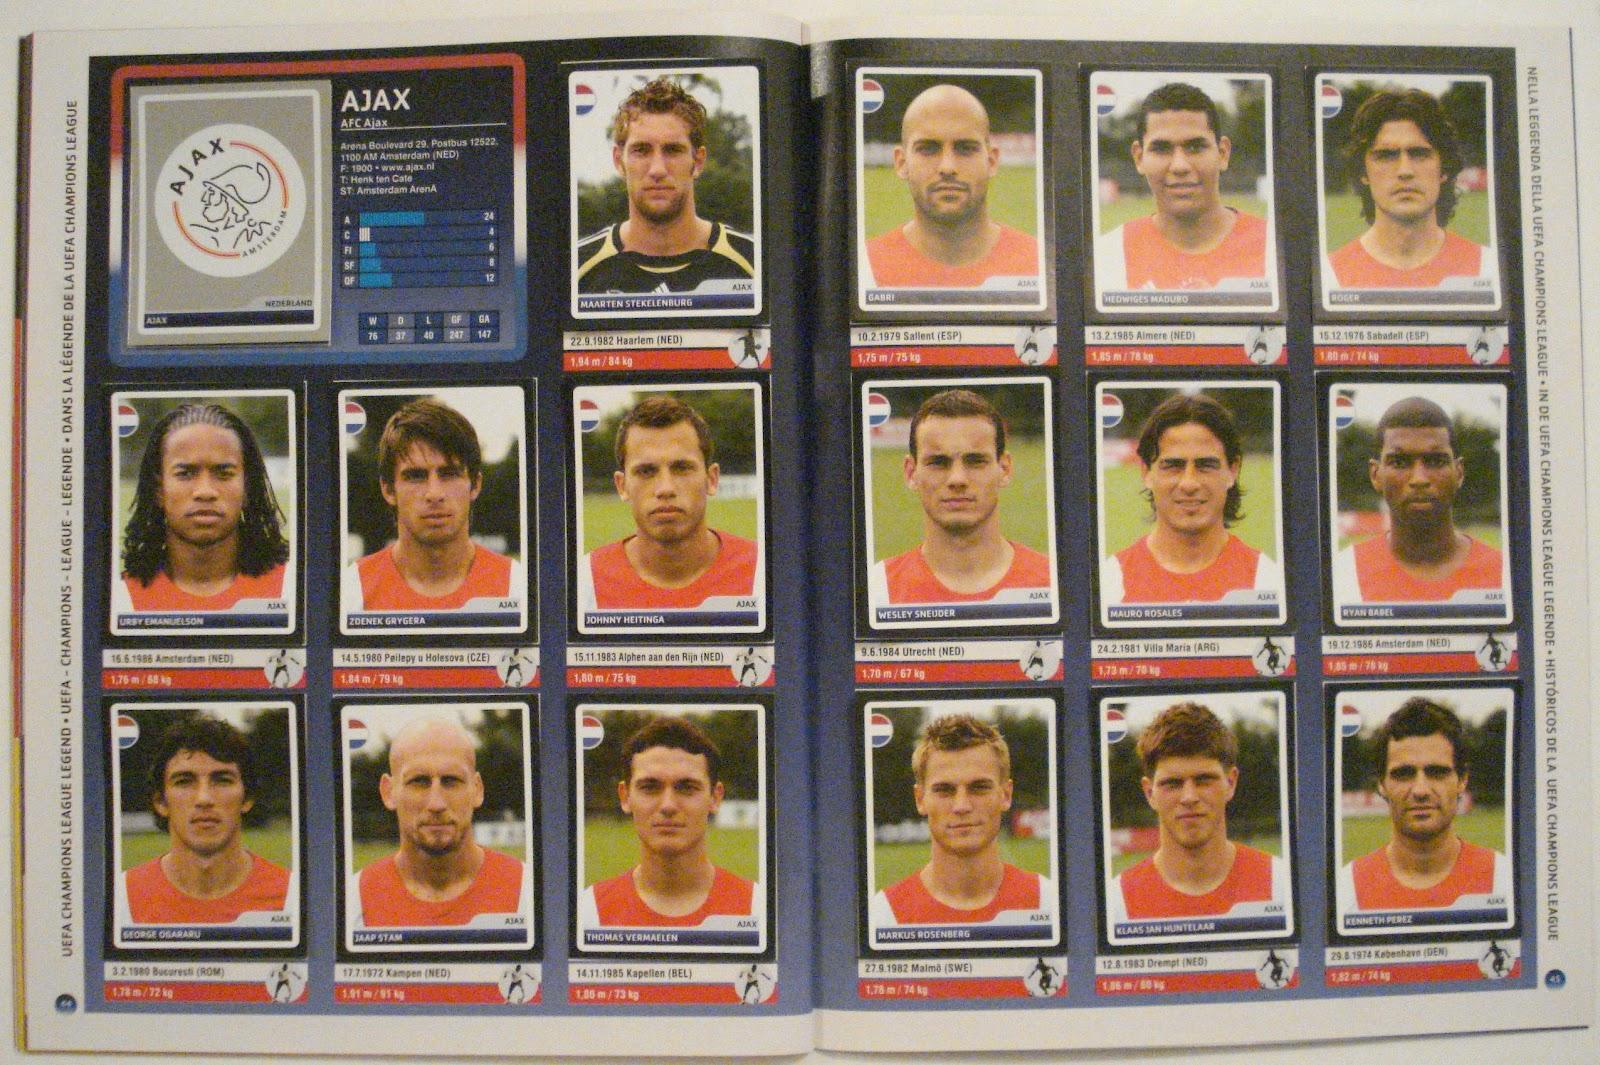 Paninista: UEFA Champions League 2006-07